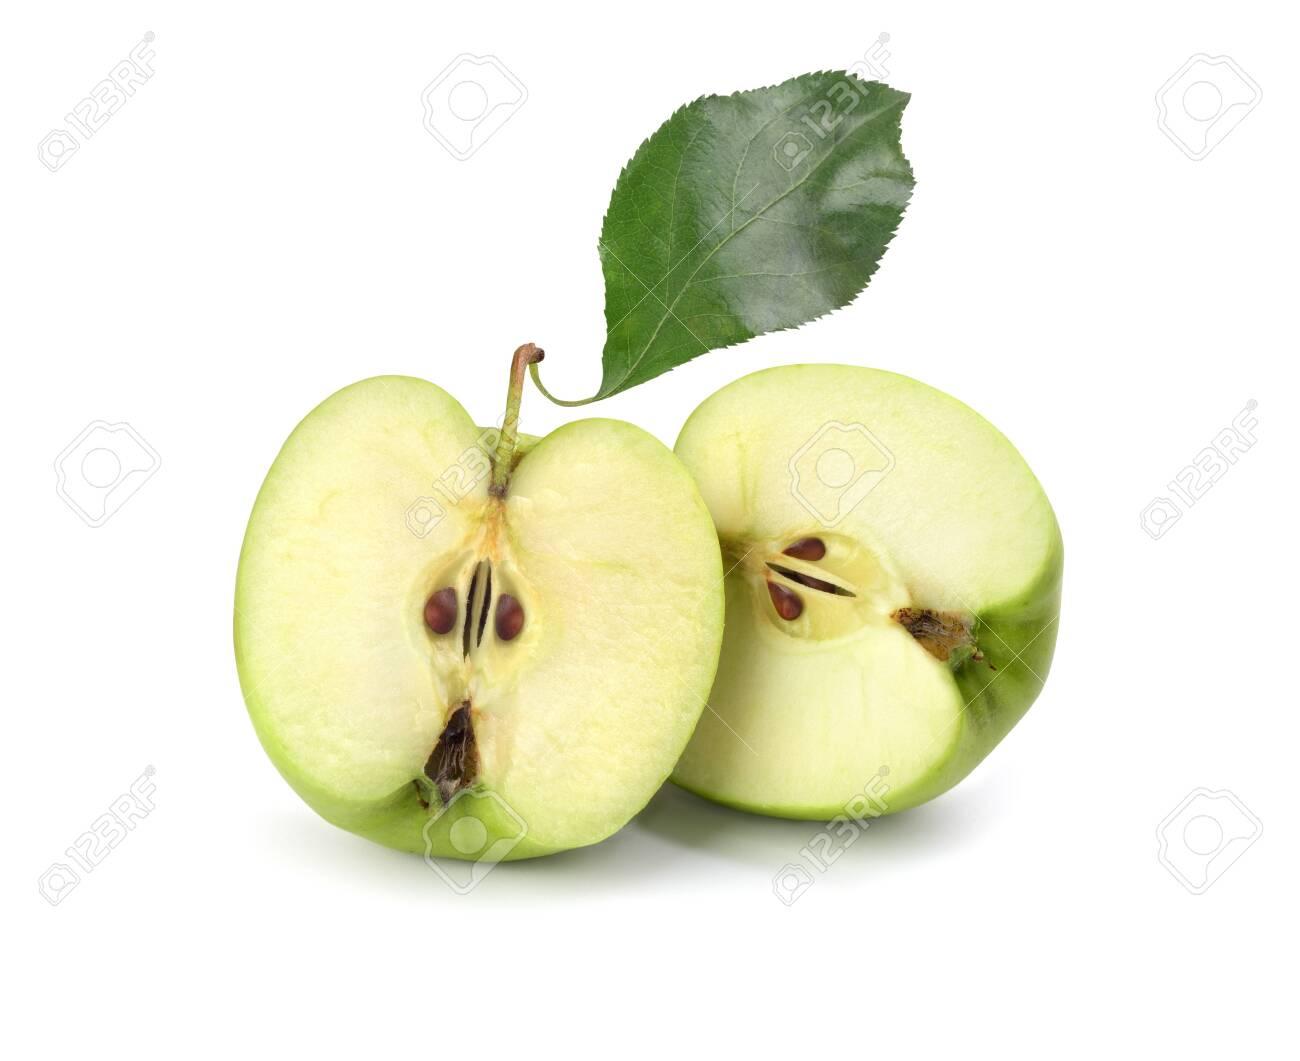 green sliced apple on white background - 126916661